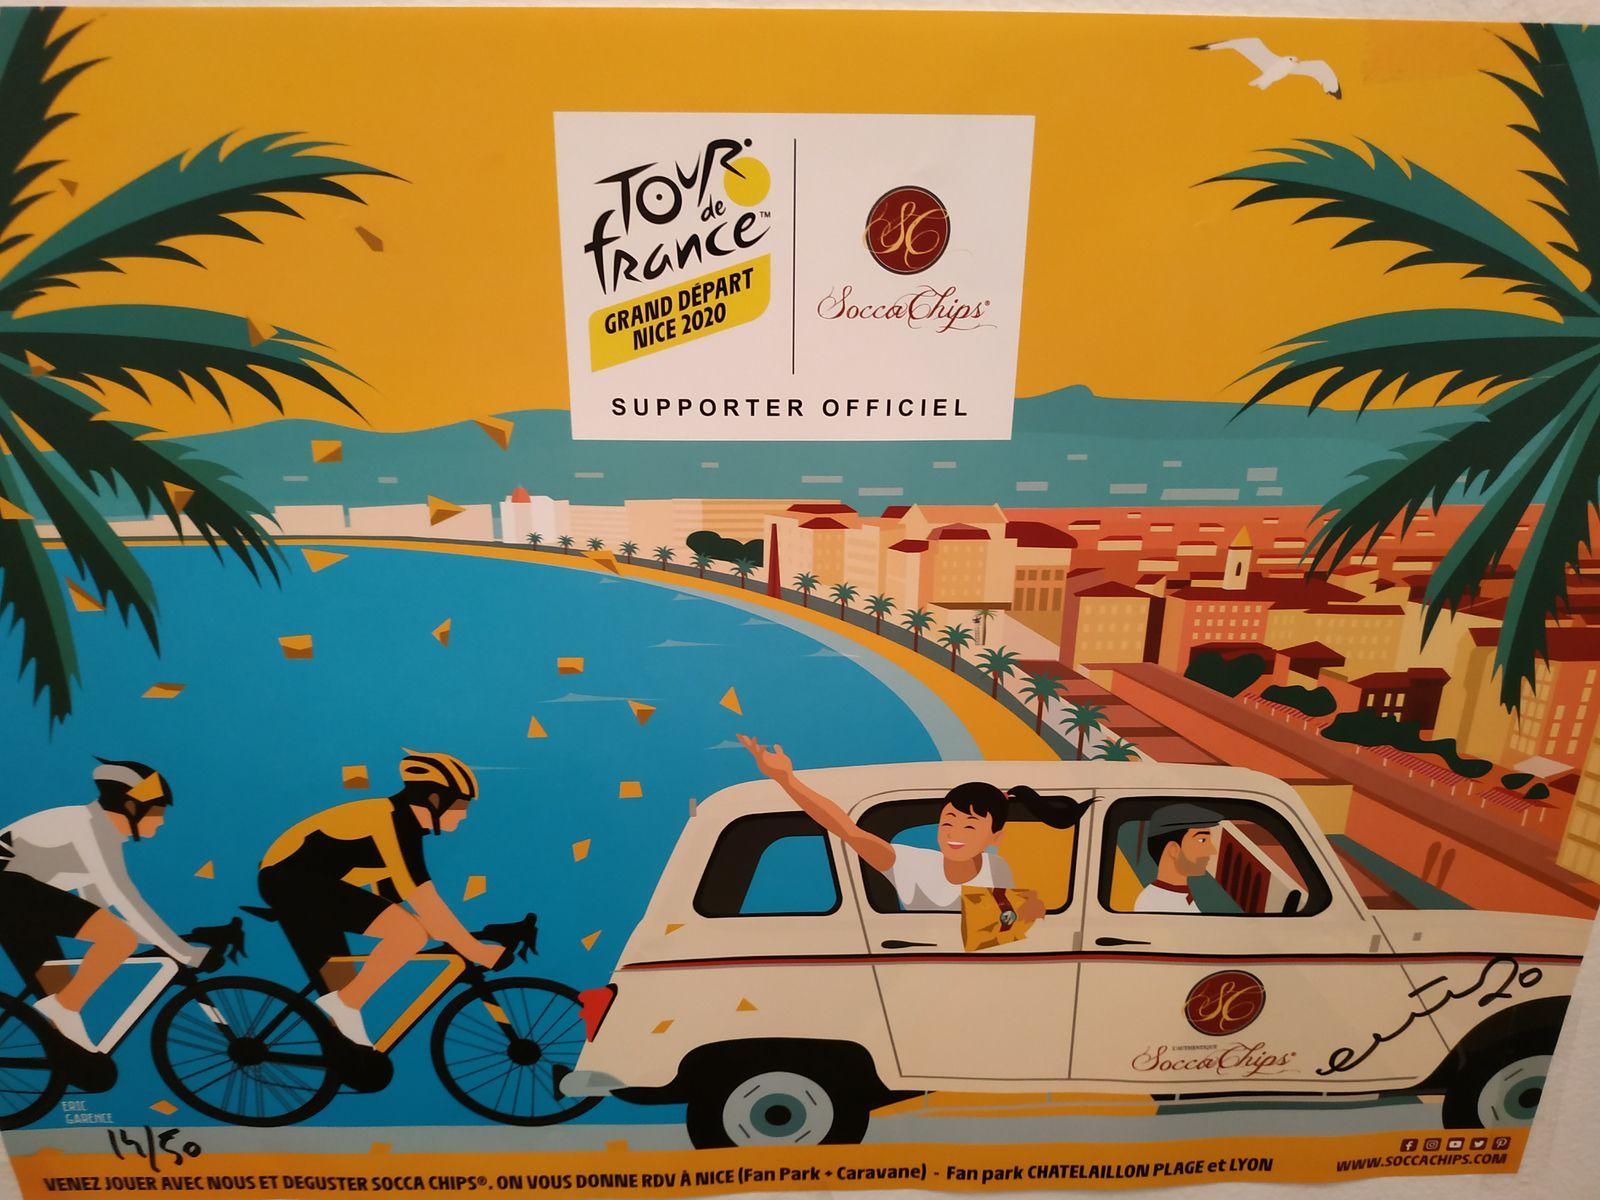 Affichette Tour de France 2020 à Nice